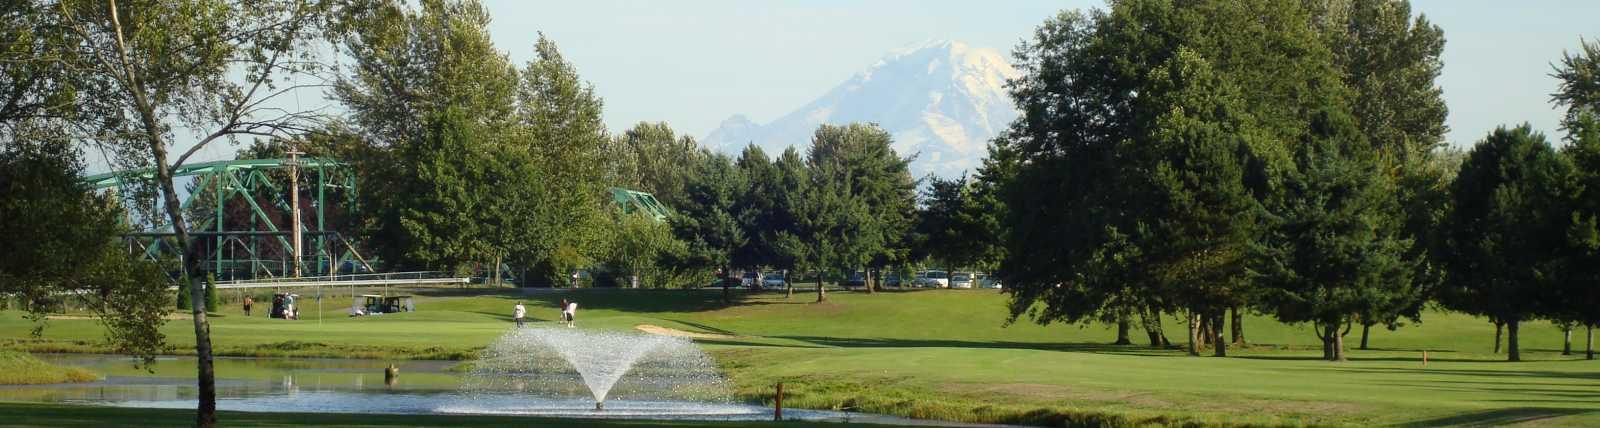 Foster Golf Links